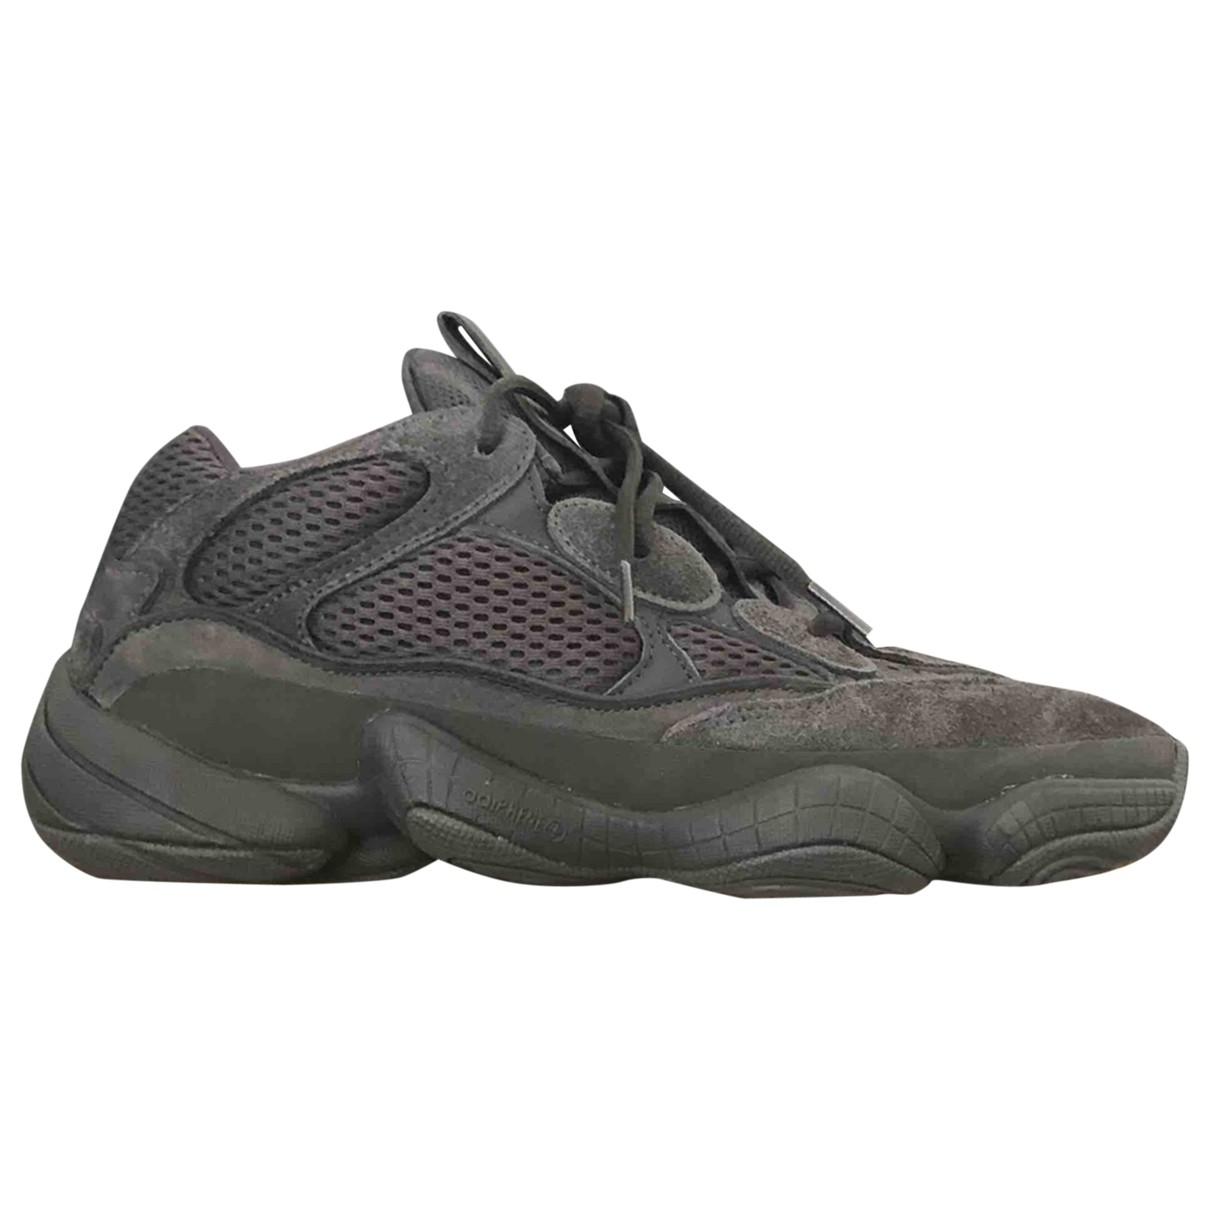 Yeezy X Adidas - Baskets 500 pour homme en suede - noir